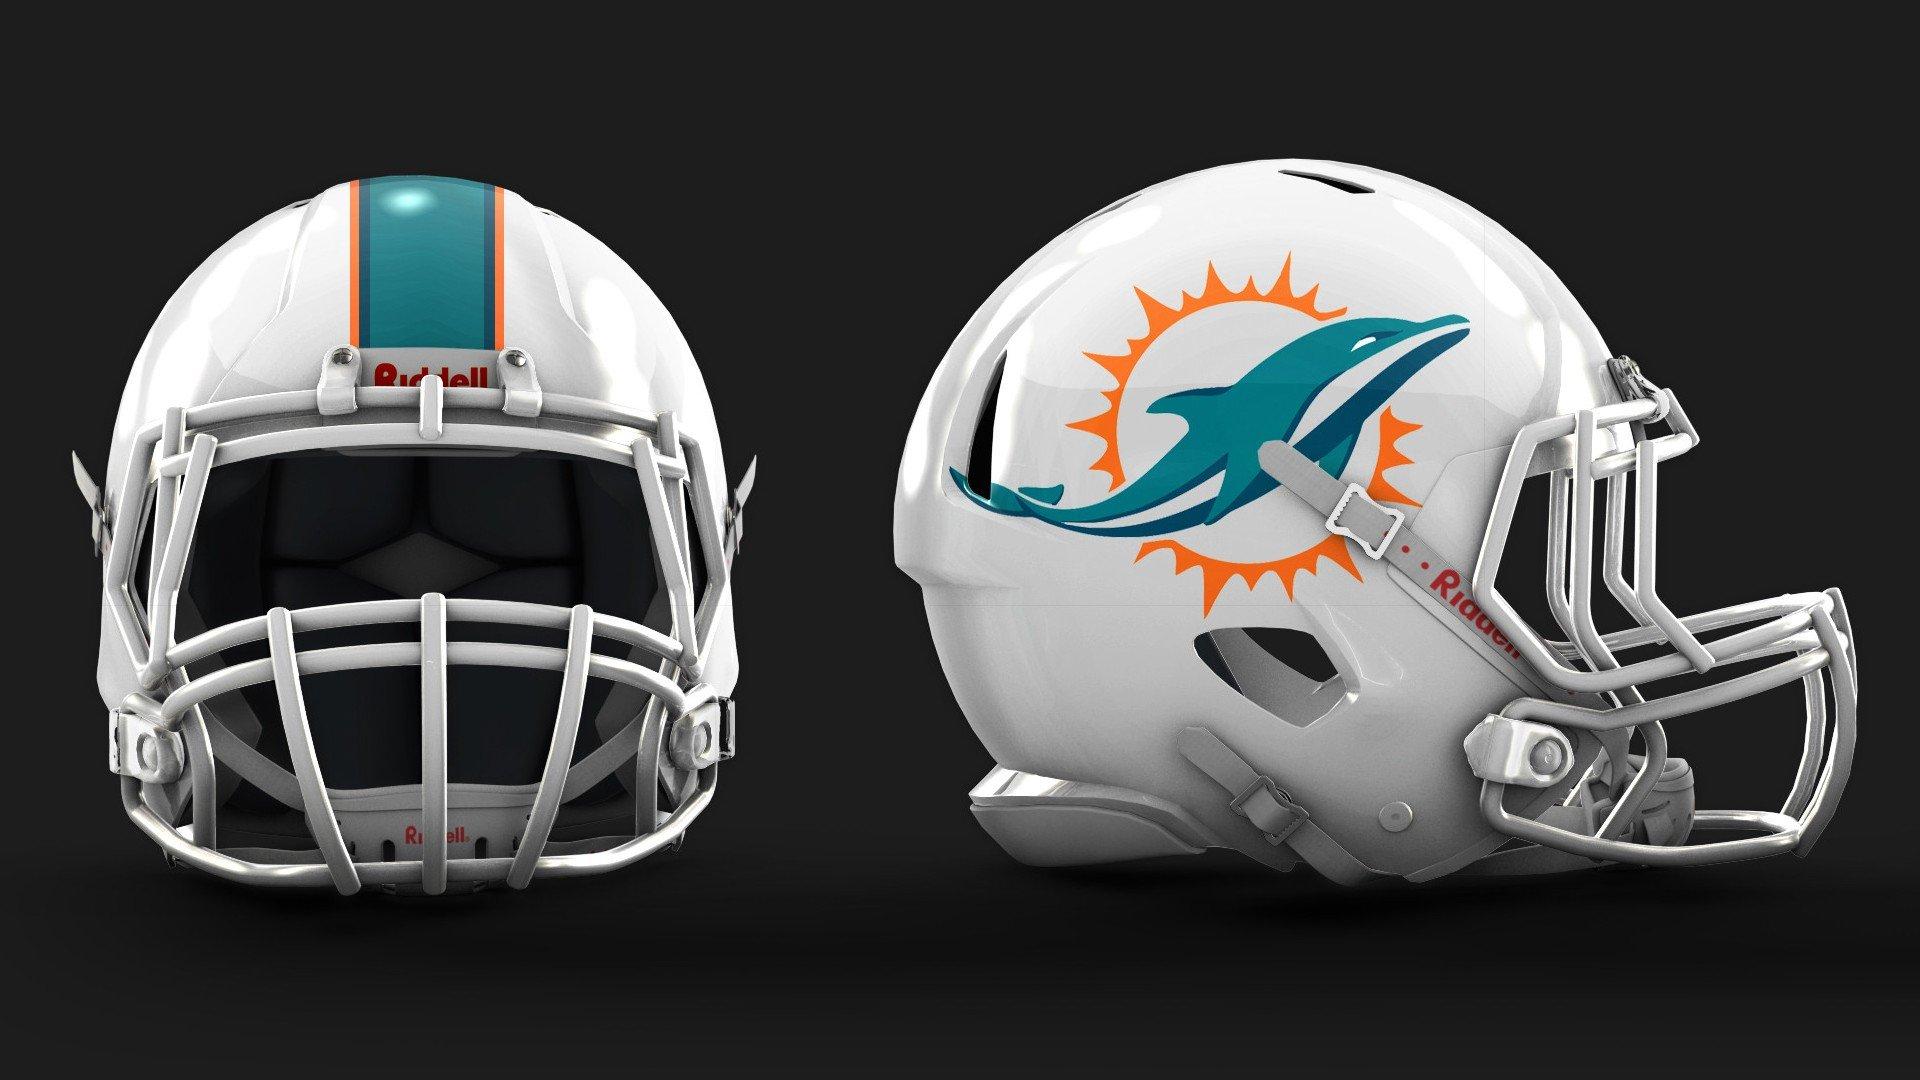 Miami Dolphins 2013 New Logo and Helmet NFL Helmets Pinterest 1920x1080